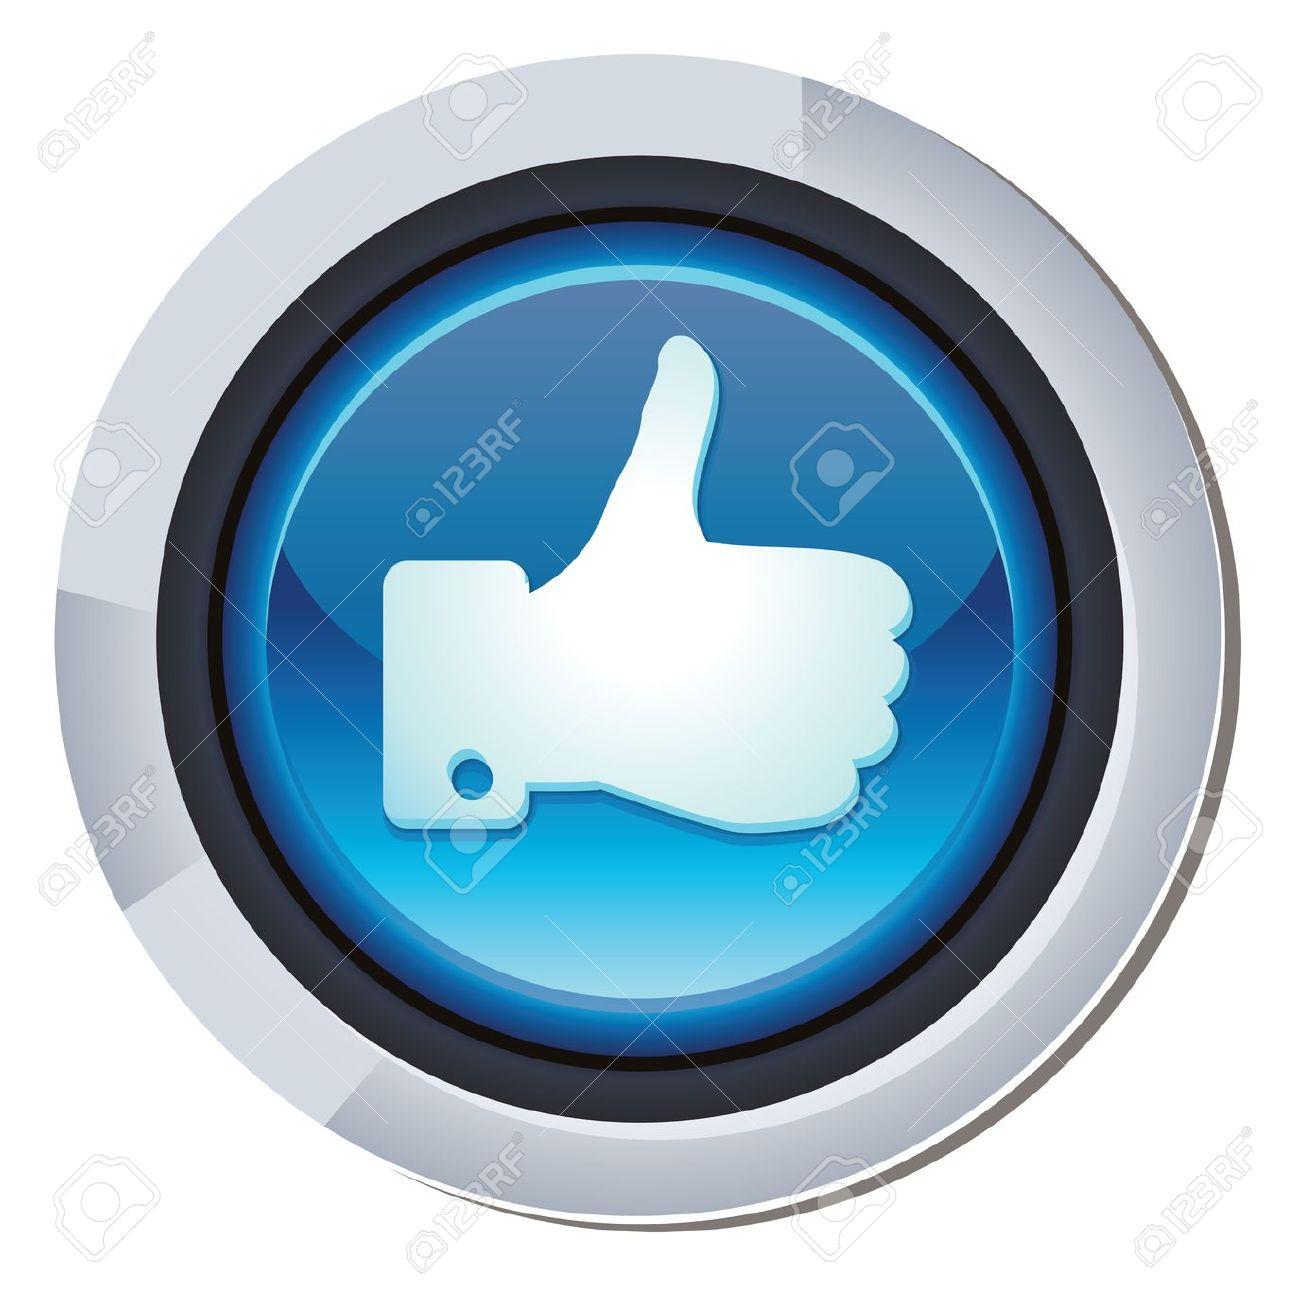 round facebook clipart - Clipground